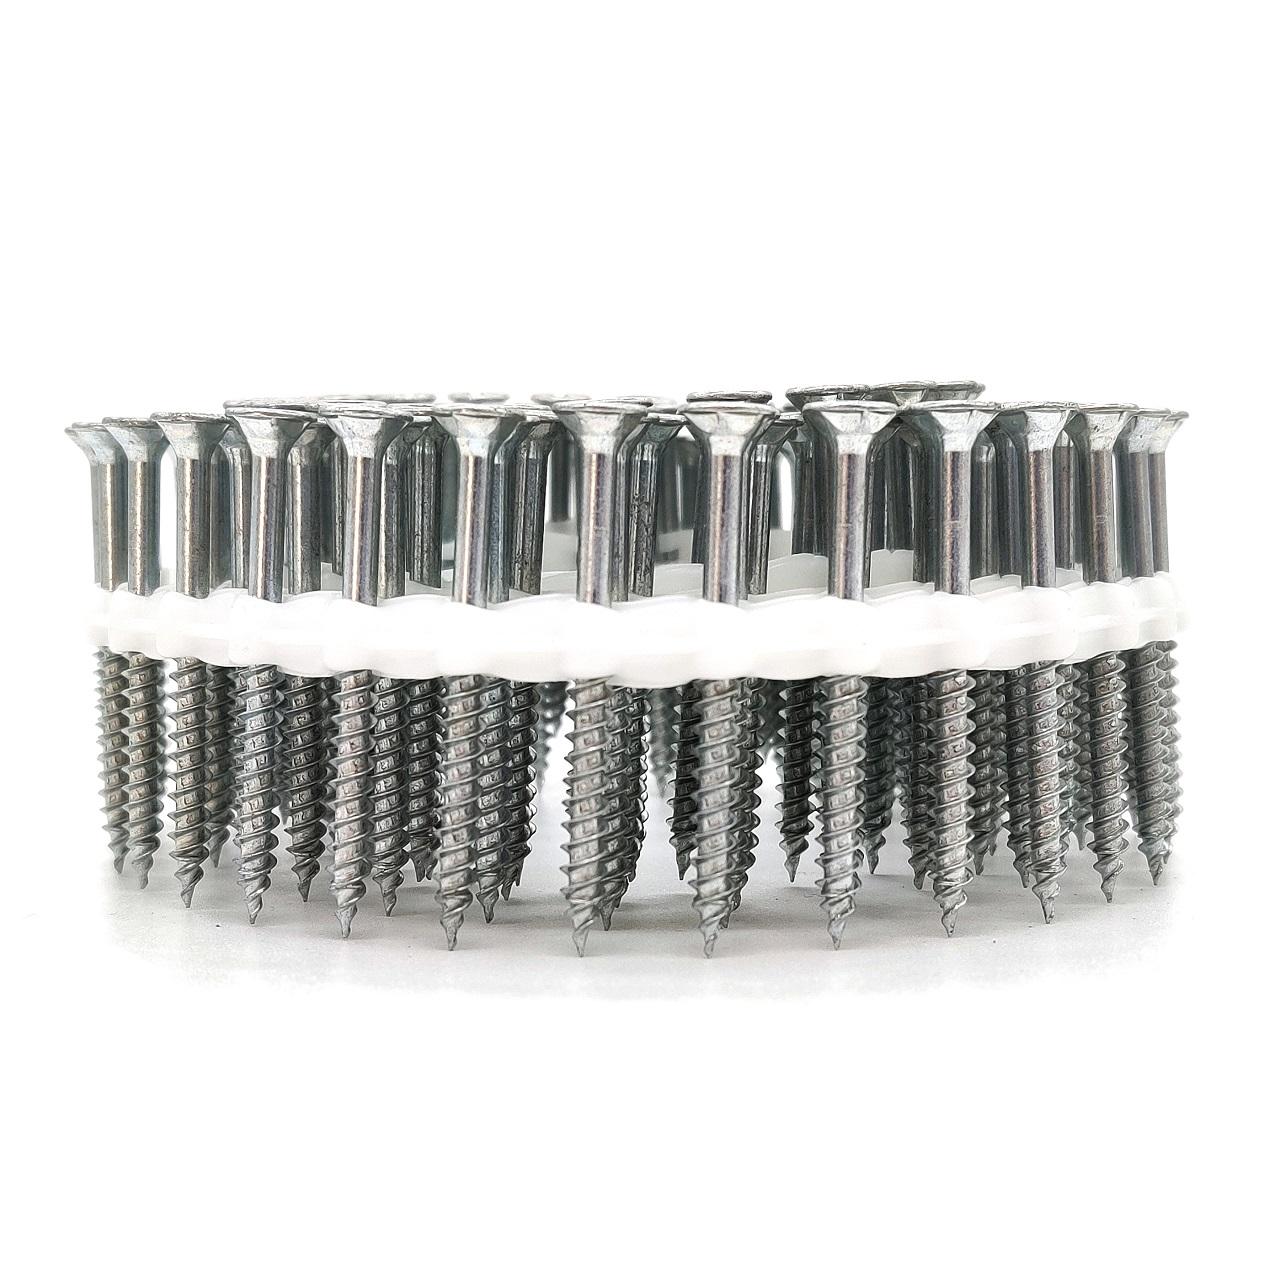 Coil TIMTEC ®- Universalholzbauschrauben | hell verzinkt | 5,0x60 | 1.125 Stk